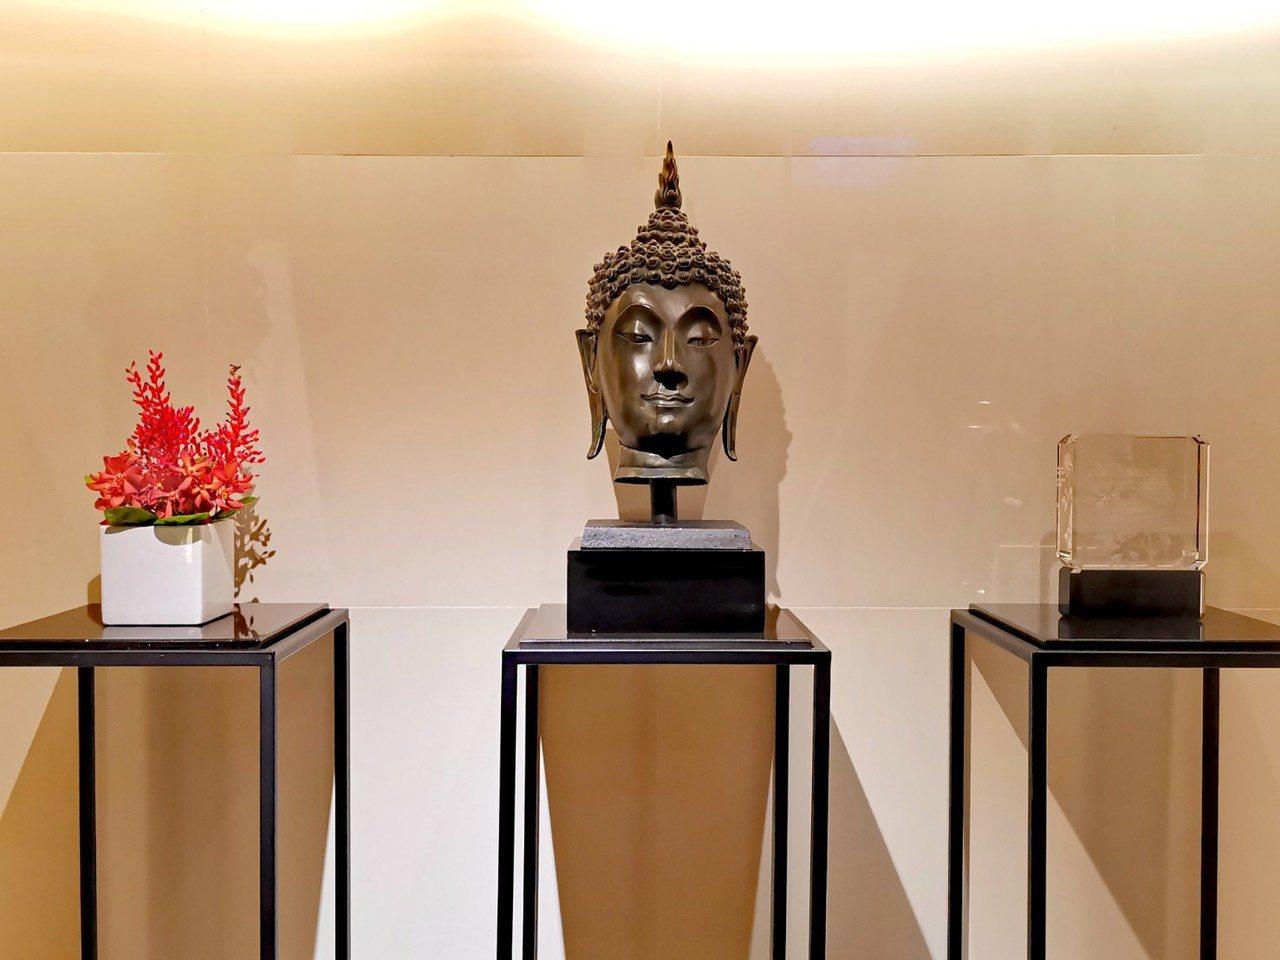 漾館時尚溫泉飯店用佛像作為室內規劃設計的元素,表現出飯店的文明底蘊。記者韓化宇/...